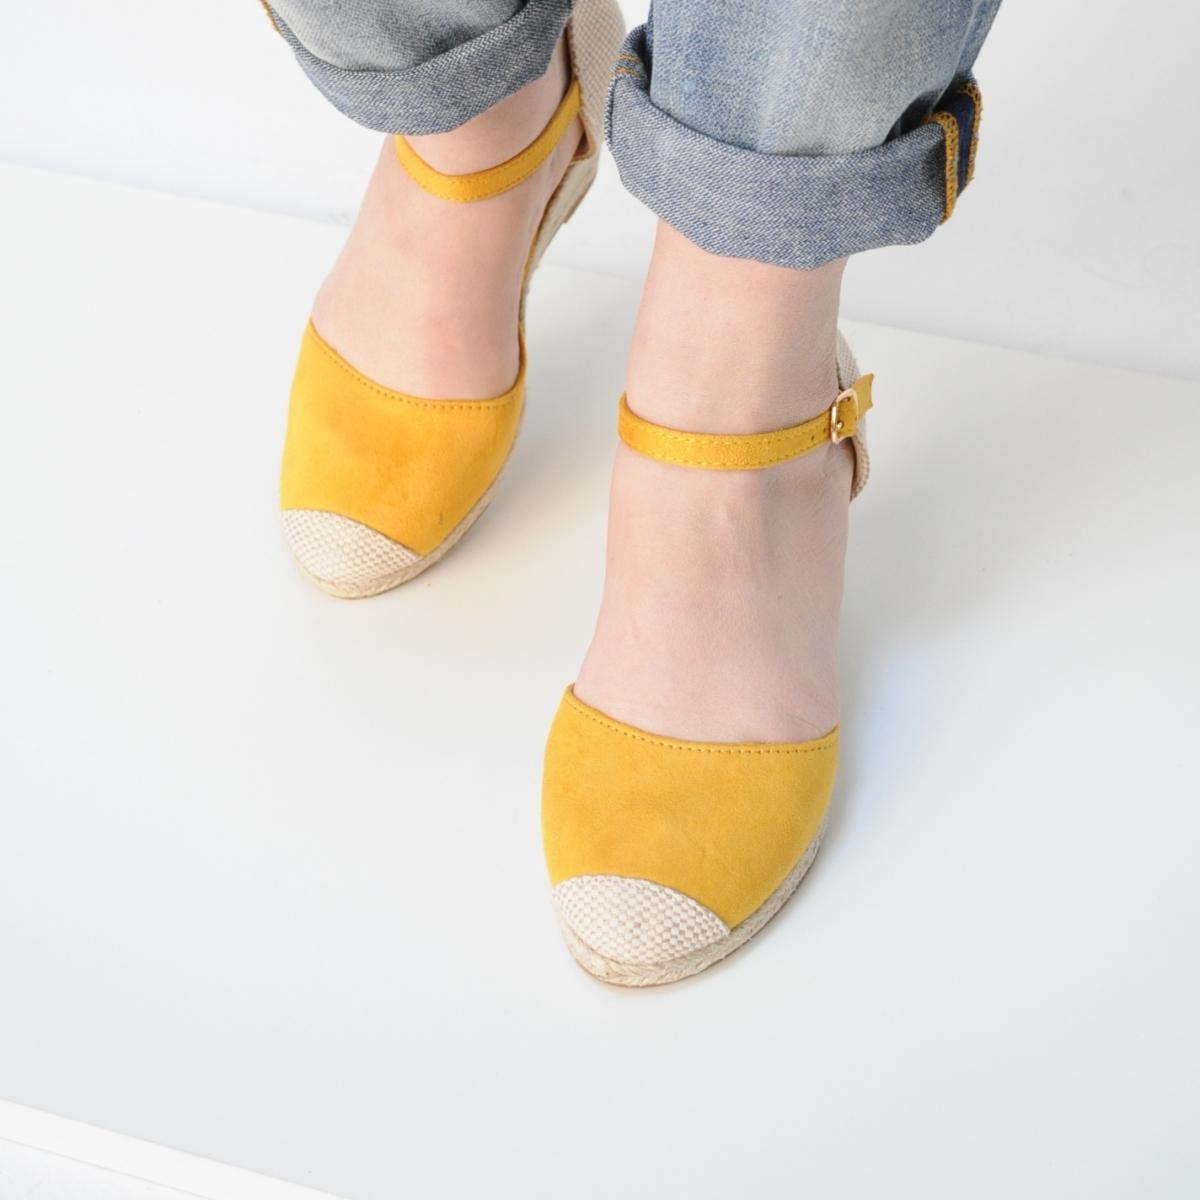 Sandale Erika galben cu platforma